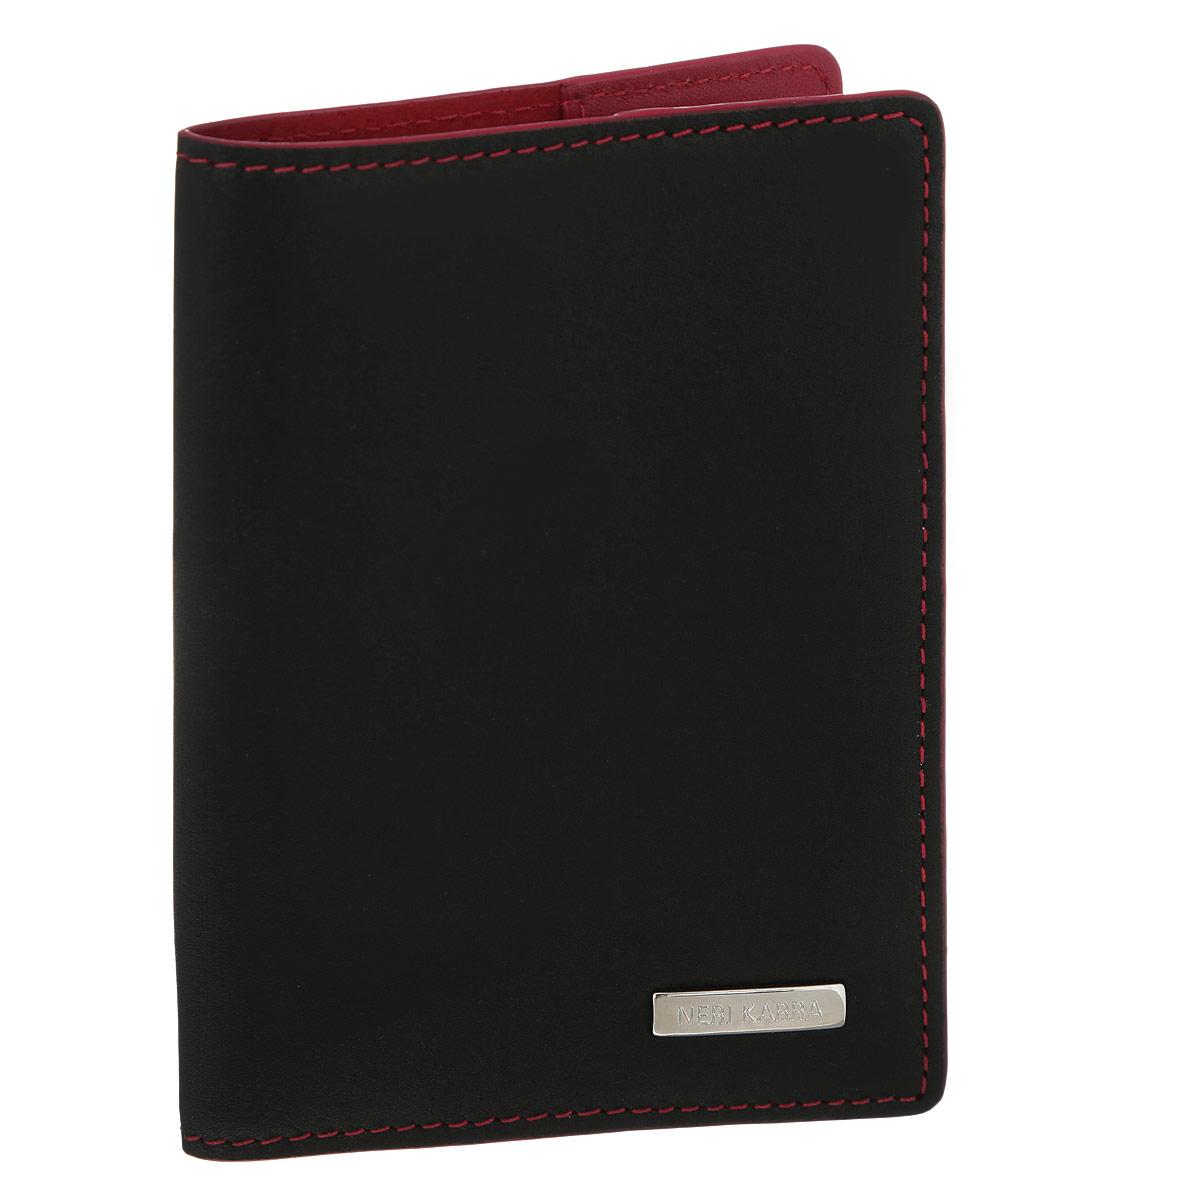 Обложка для паспорта Neri Karra, цвет: черный, красный. 0140 501.01/05R0140 501.01/05RОбложка для паспорта Neri Karra выполнена из натуральной высококачественной кожи черного цвета с естественной лицевой и ворсовой поверхностью. Внутренняя сторона обложки оформлена красным цветом. Документы надежно фиксируются при помощи двух клапанов, расположенных на внутреннем развороте обложки. Такая обложка не только сохранит внешний вид документов и защитит их от грязи и пыли, но и станет стильным аксессуаром, который идеально дополнит ваш образ. Обложка упакована в подарочную коробку черного цвета с логотипом фирмы Neri Karra.